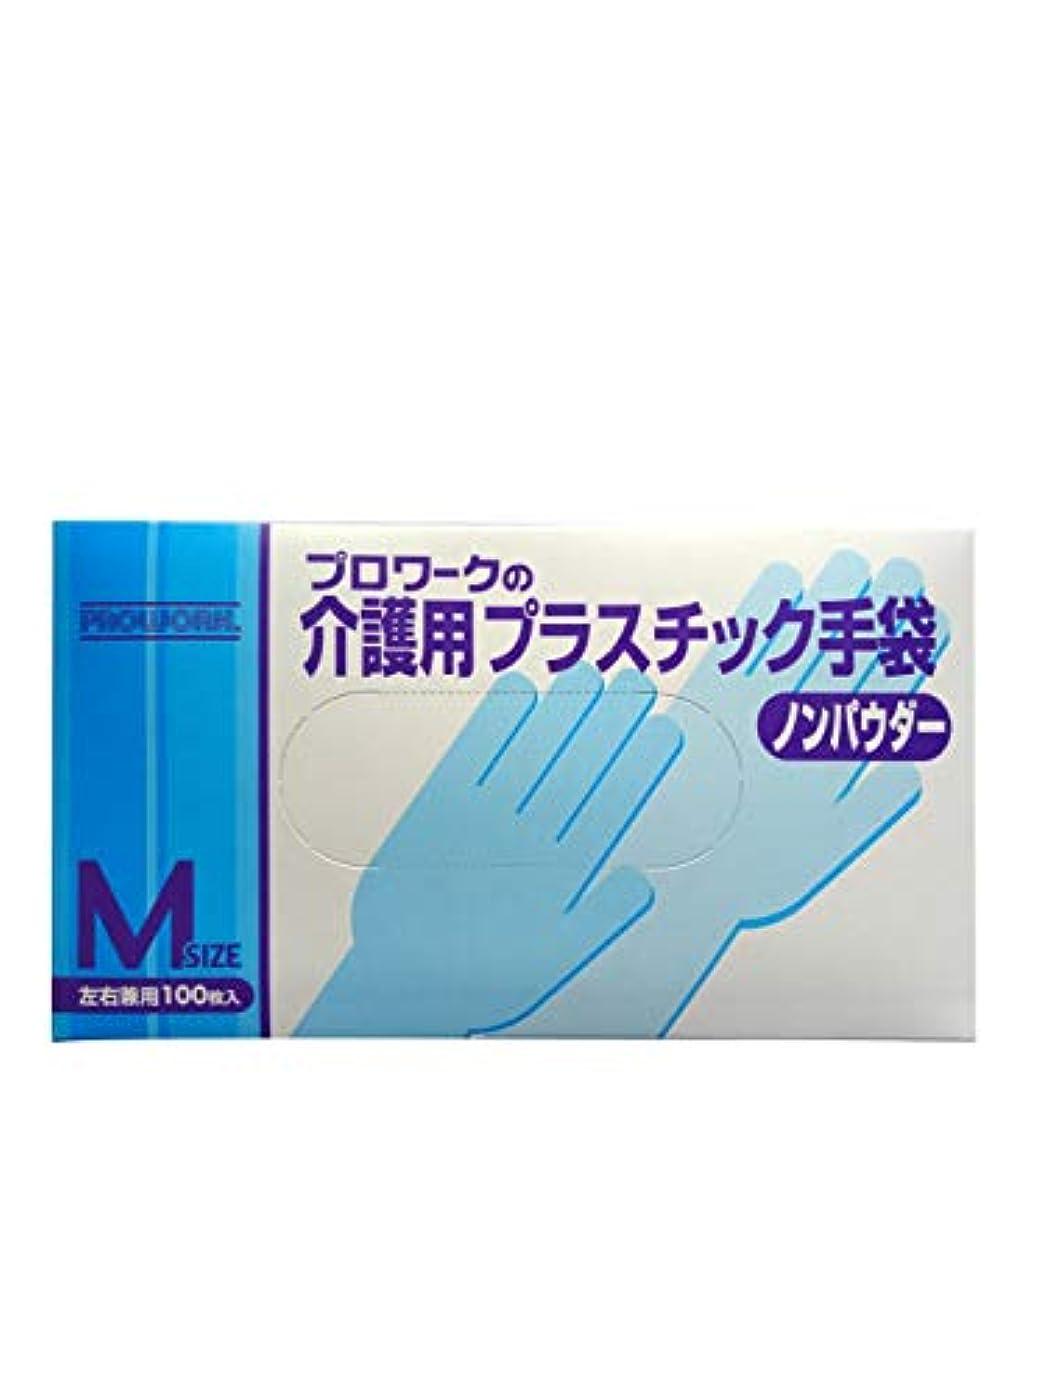 敗北武装解除維持する介護用プラスチック手袋 ノンパウダー Mサイズ 左右兼用100枚入